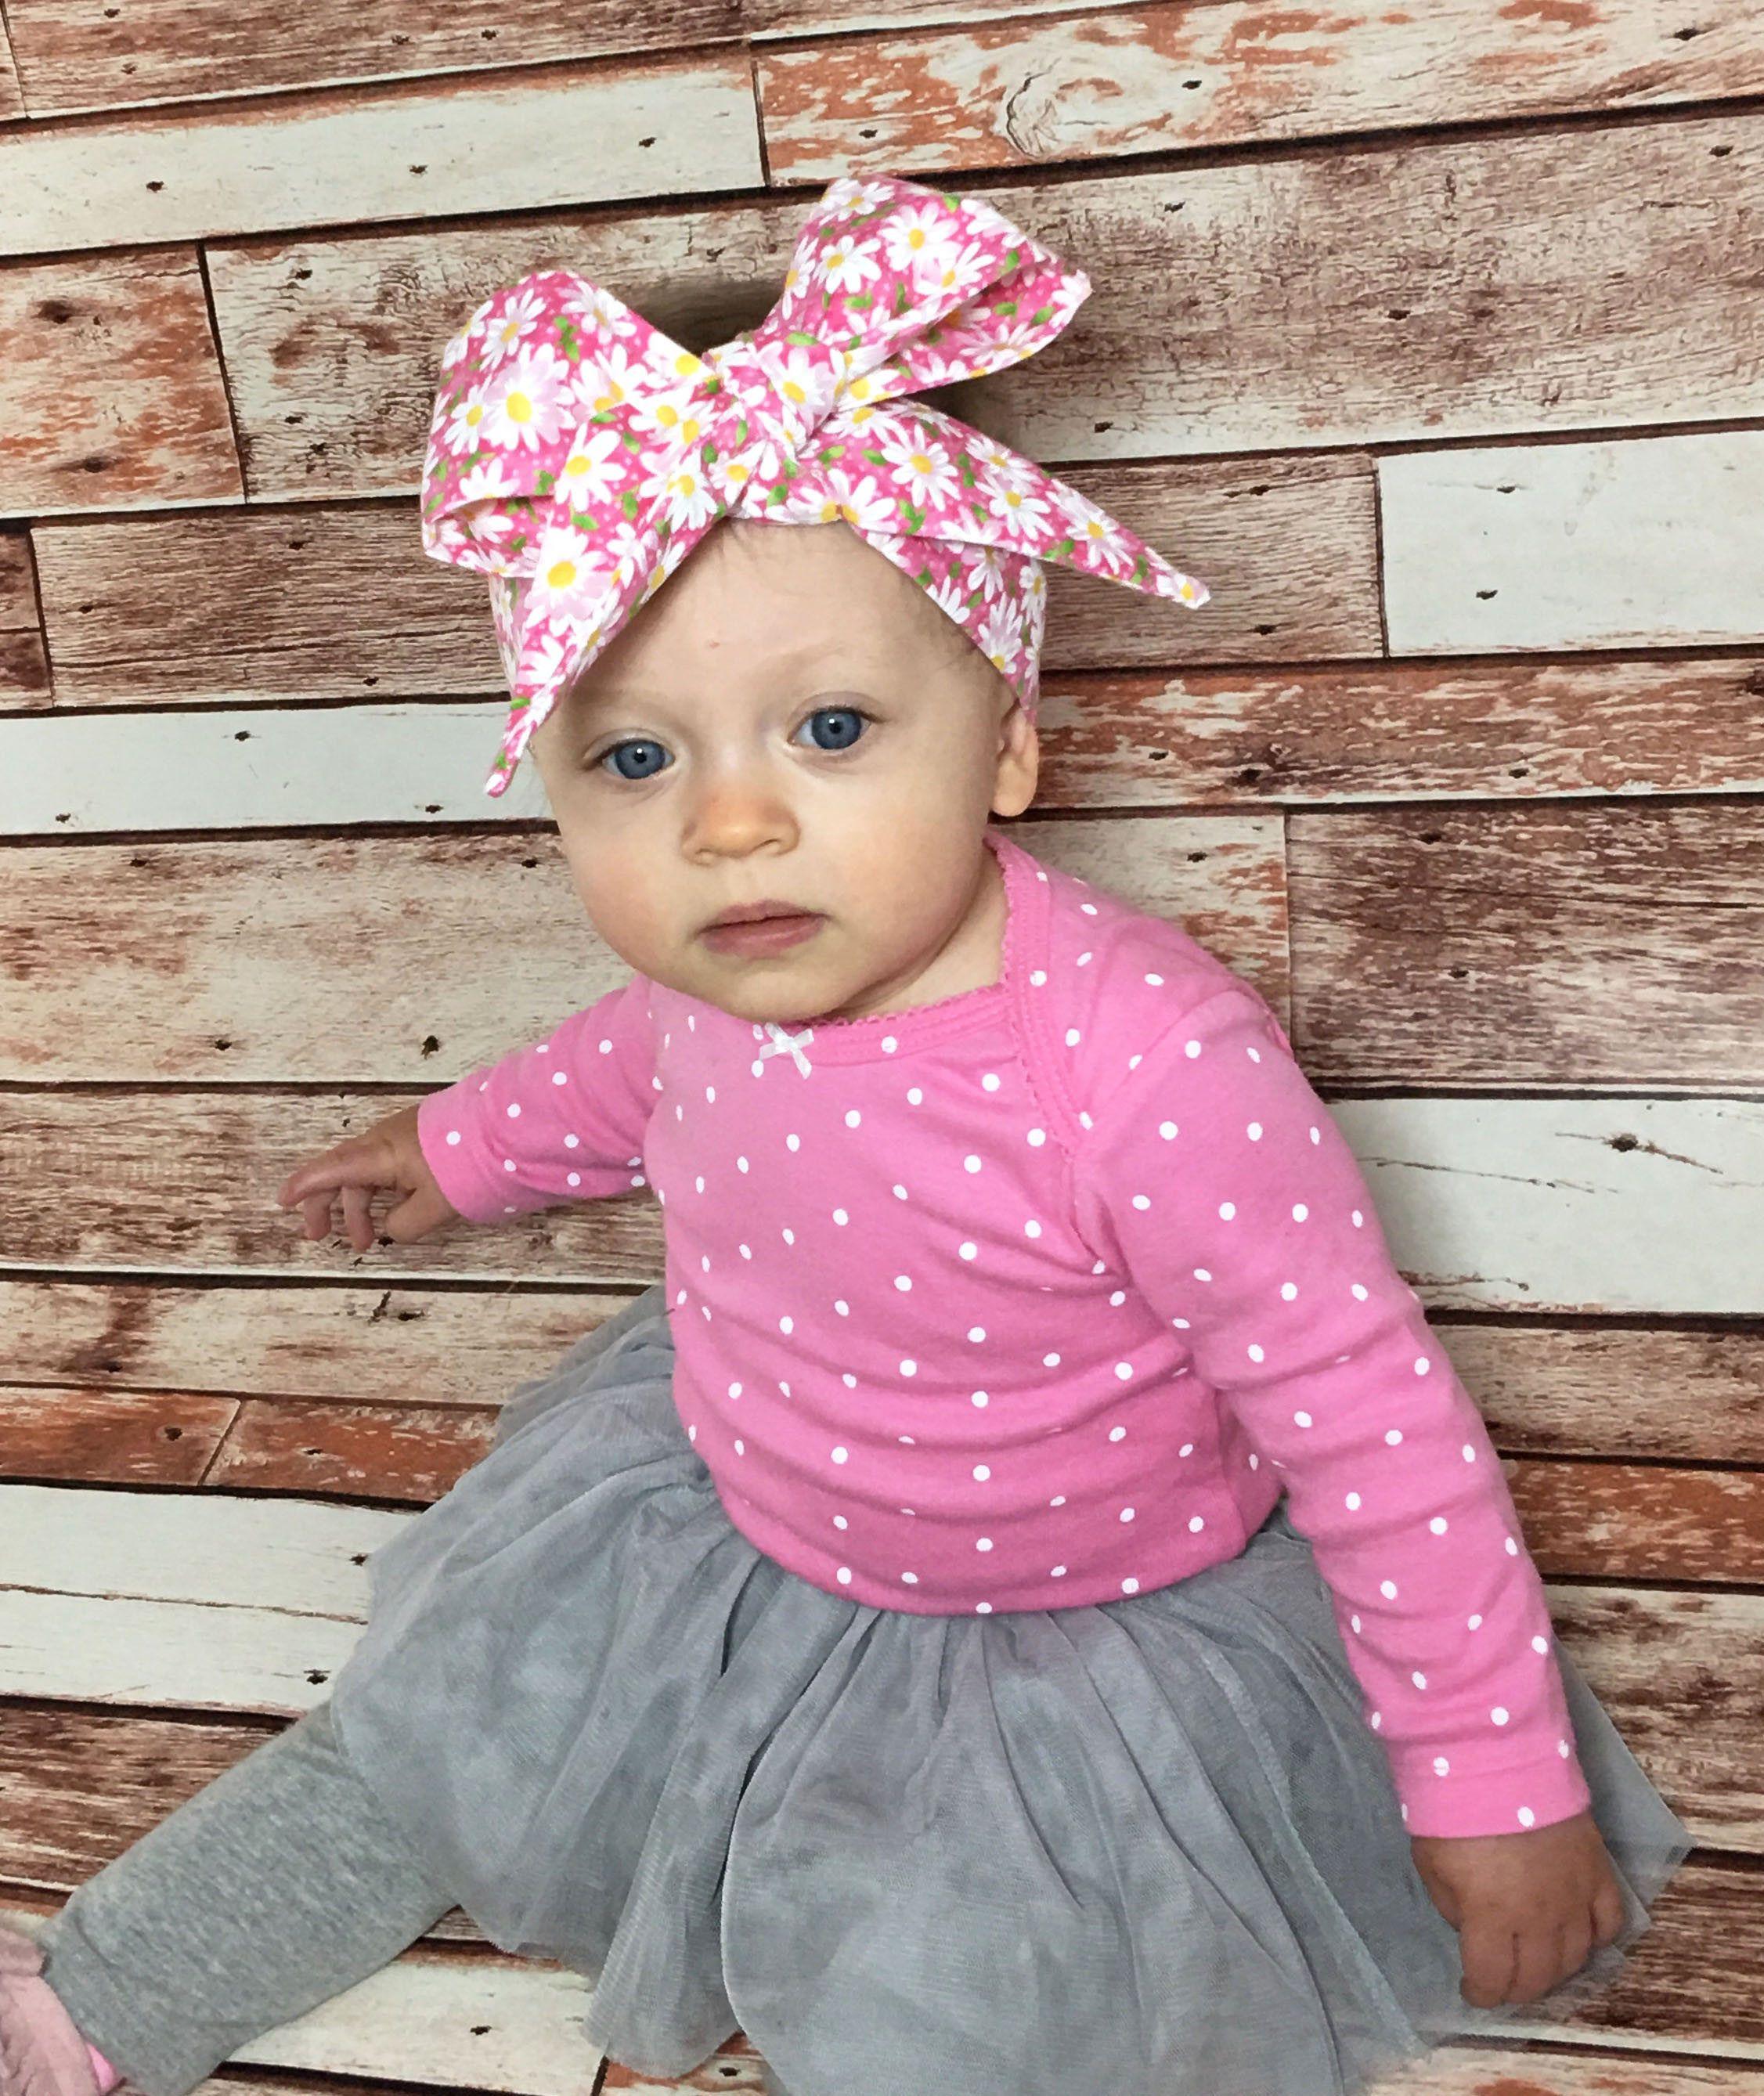 Daisy Head Wrap Baby Head Wrap Headwrap Baby Headwrap Head Wrap Pink Daisy Head  Wrap Newborn Headwrap Daisy Headband Toddler Headwrap by SuVernBowtique on  ... 727b67d0dee